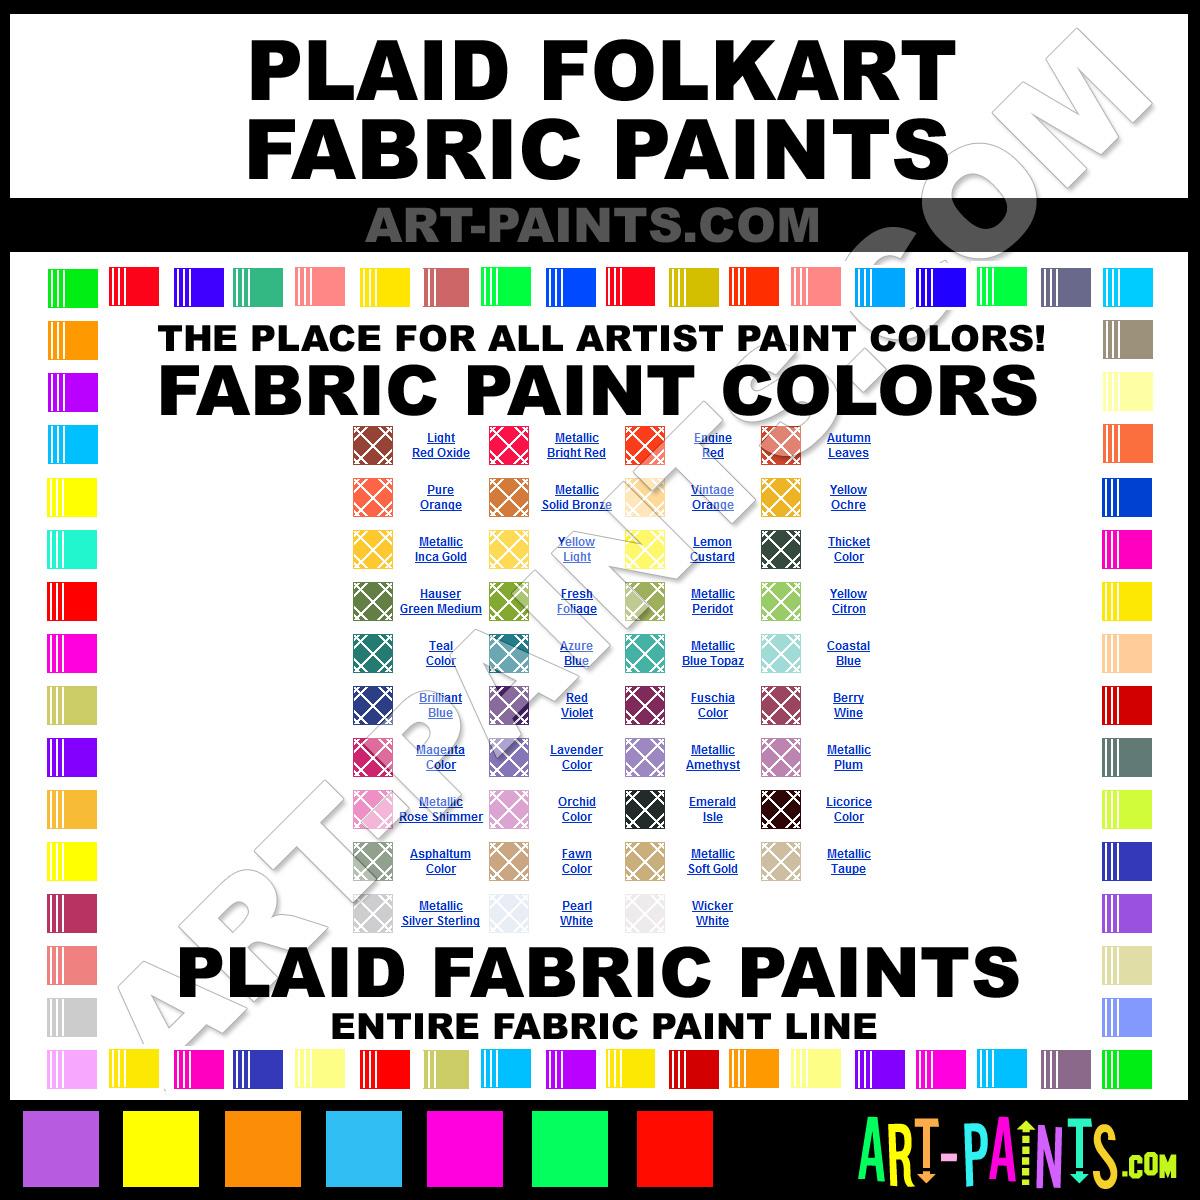 Folk art acrylic paint color chart - Plaid Fabric Textile Paints Plaid Paints